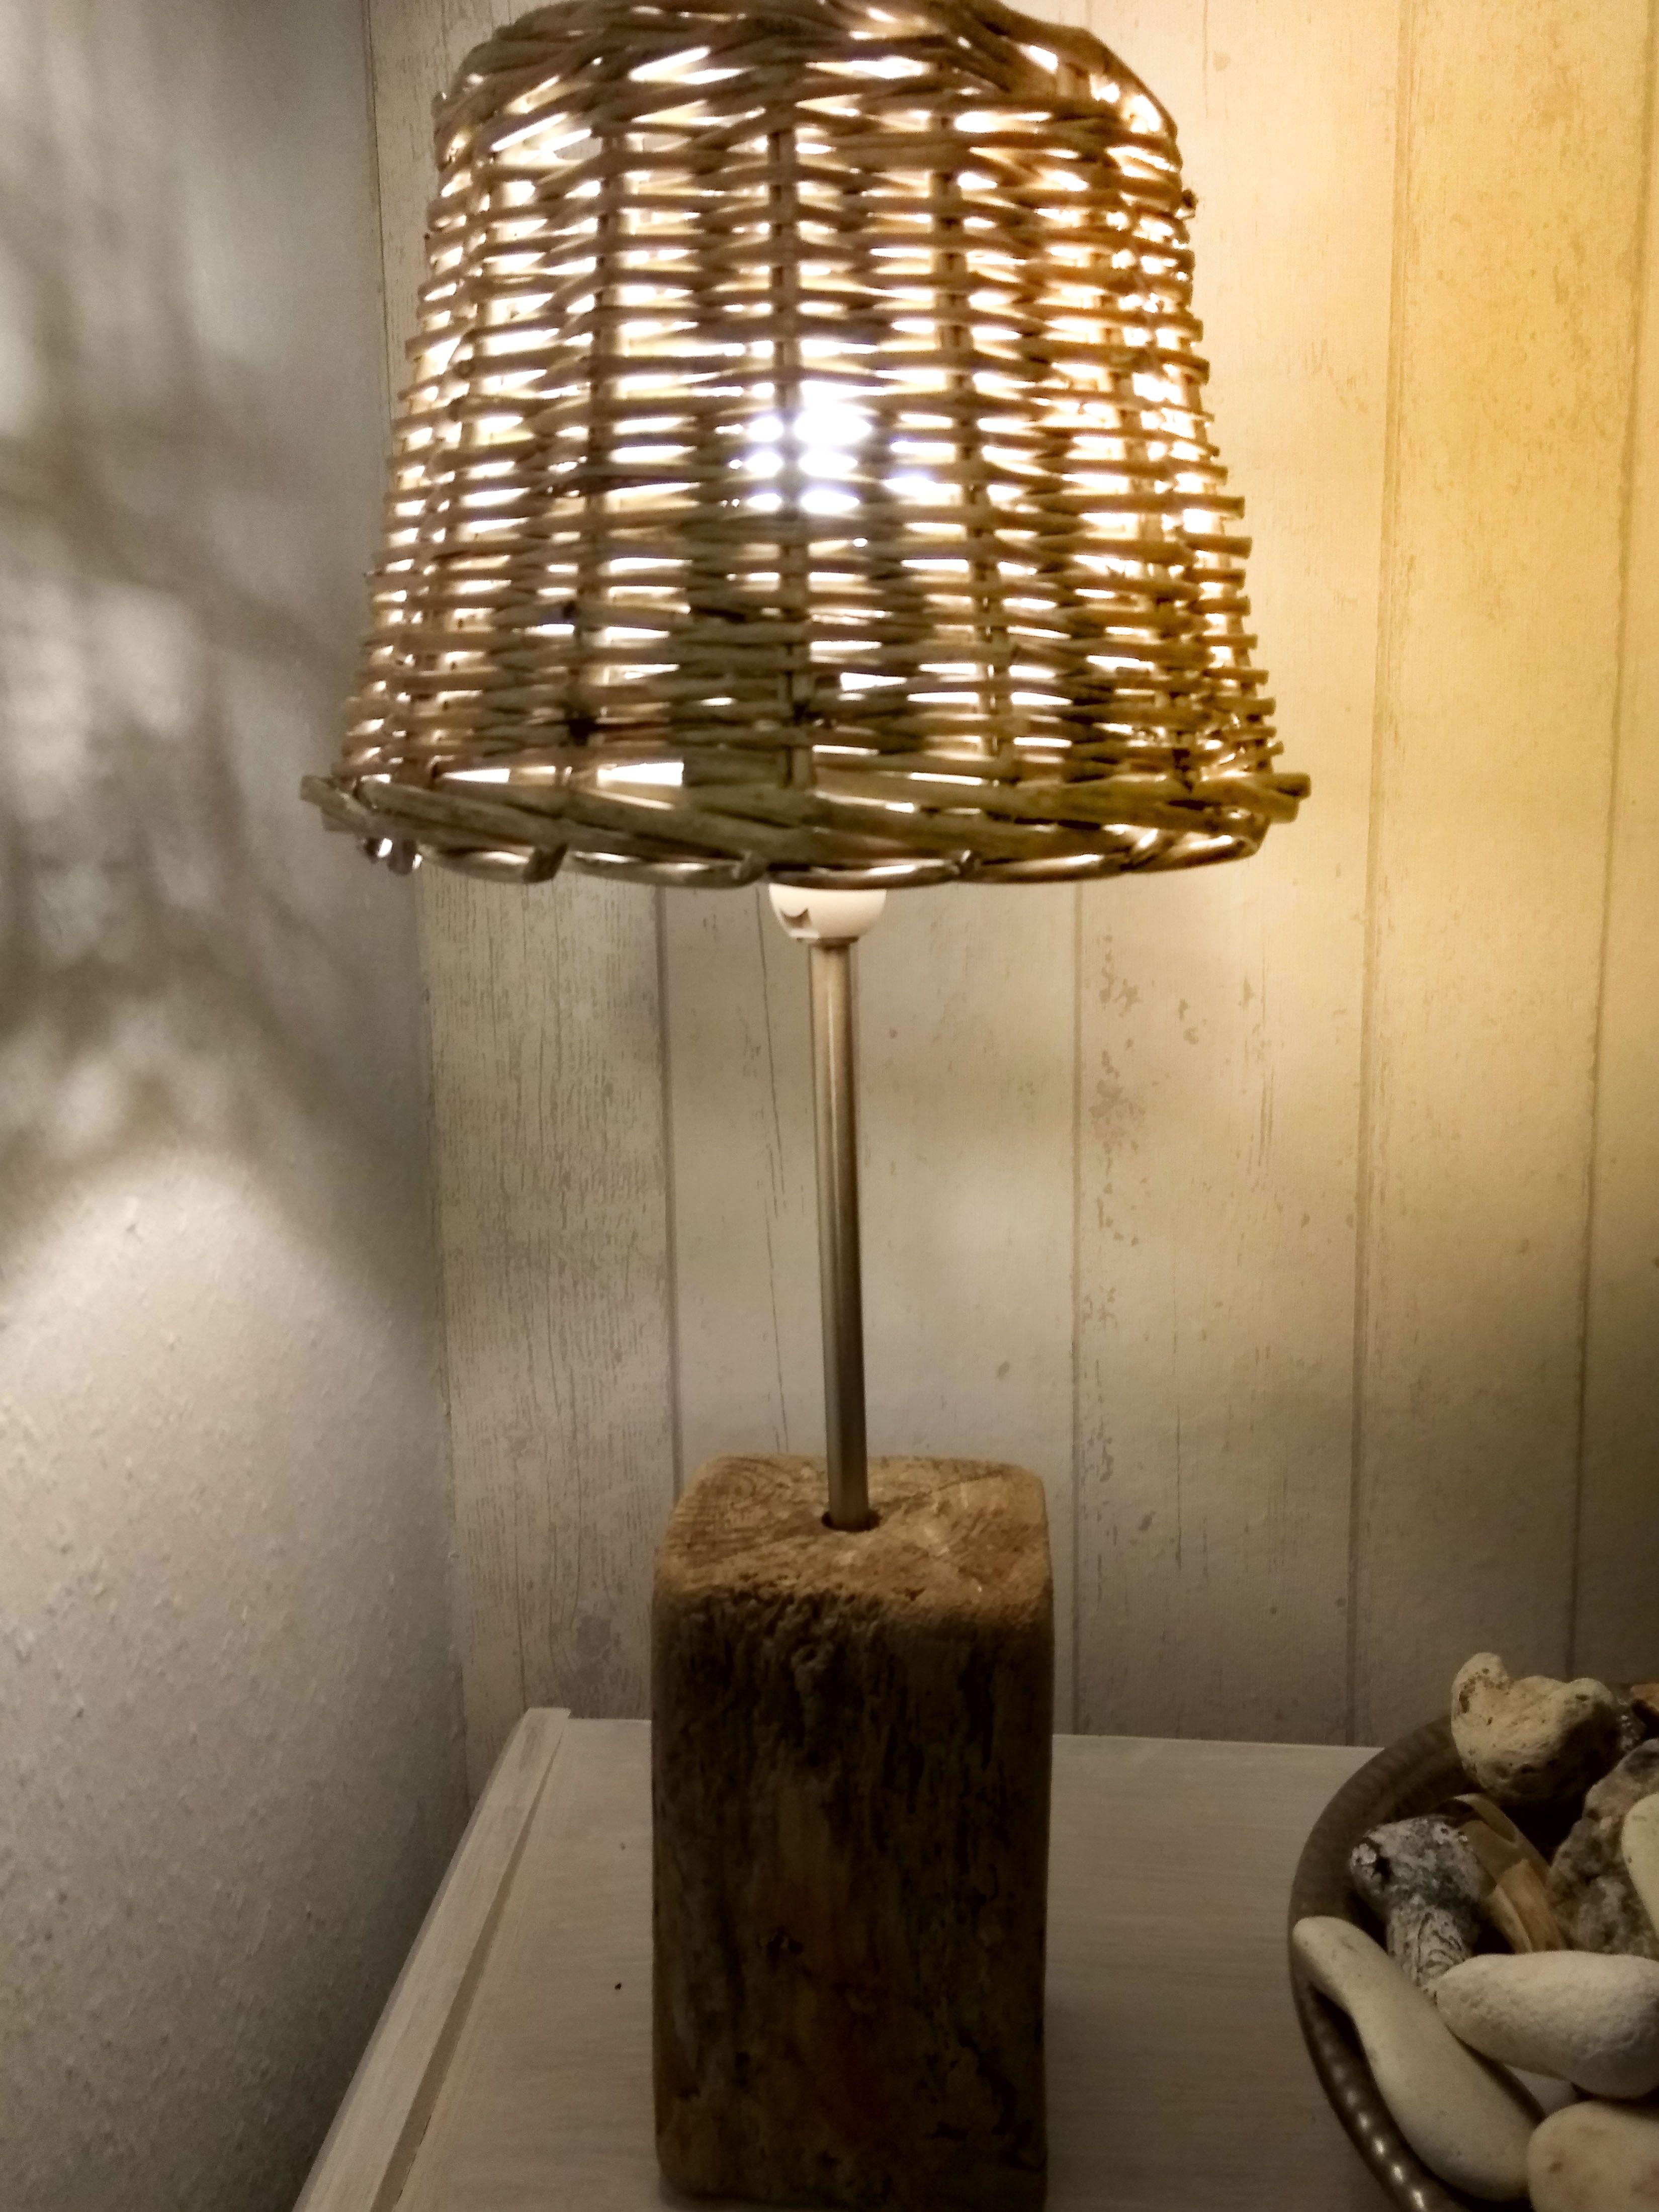 treibholz treibholzlampe tischlampe mit einen korblampenschirm treibholz treibholzlampen. Black Bedroom Furniture Sets. Home Design Ideas